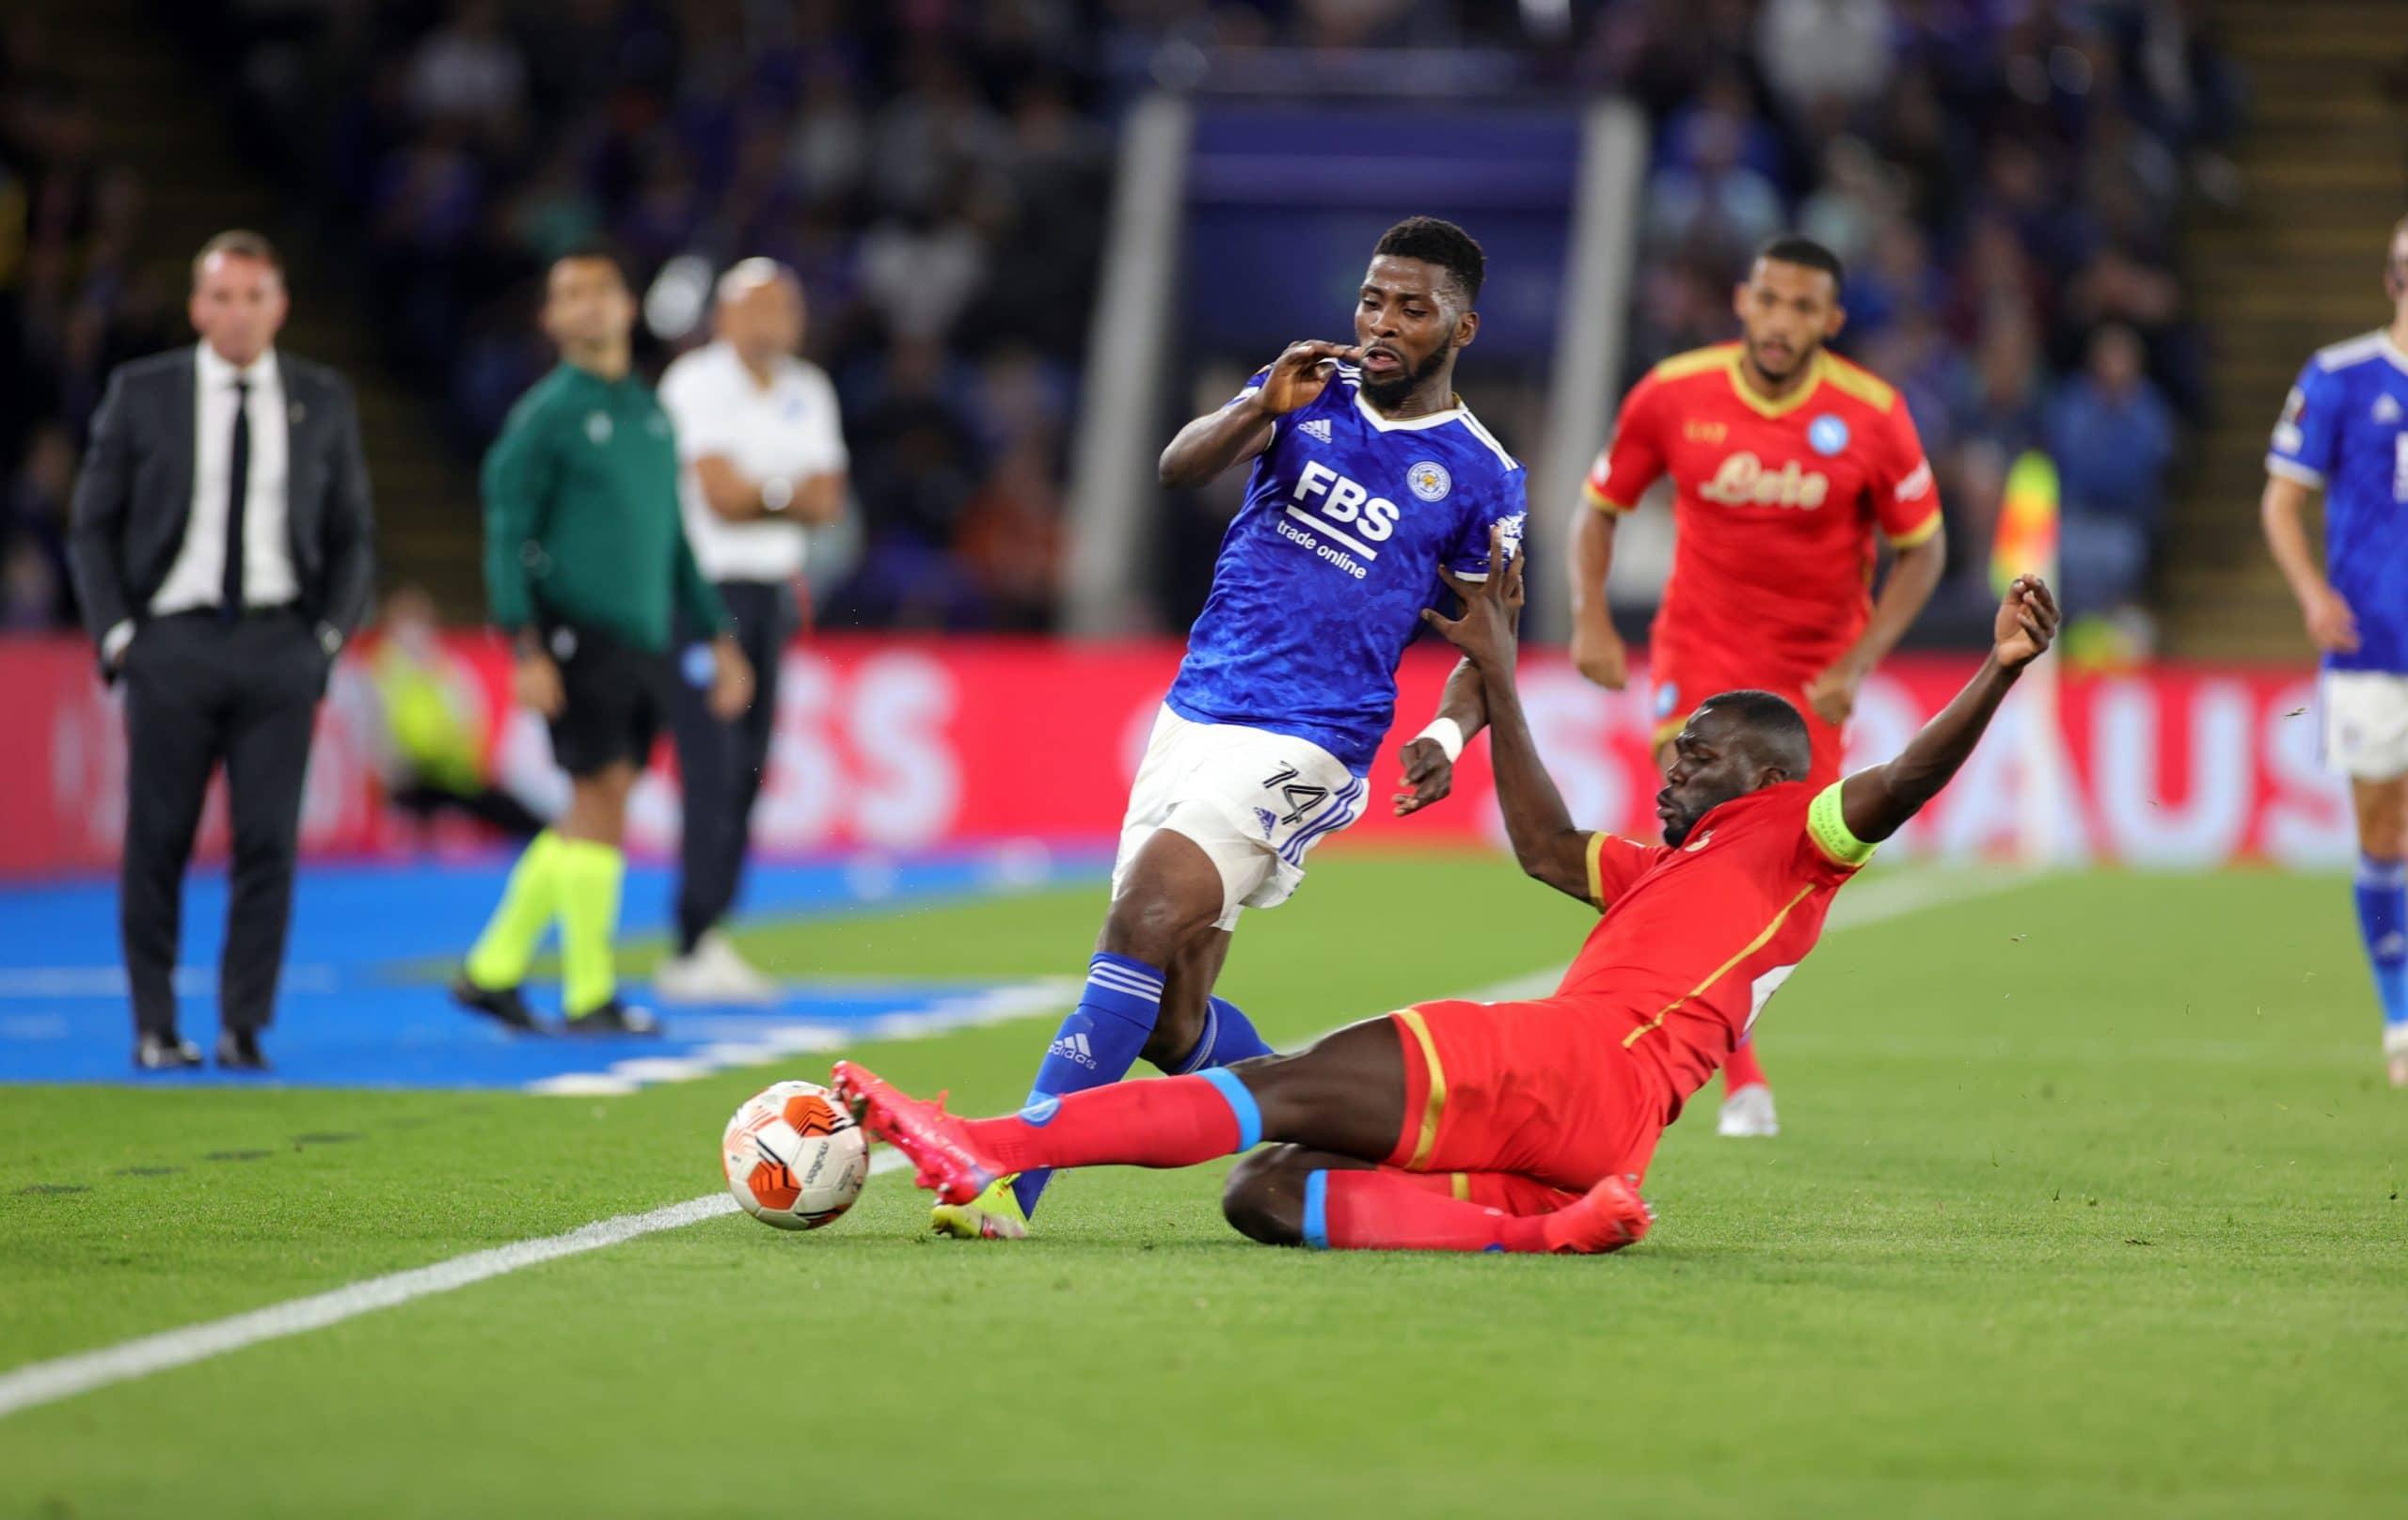 نتائج الدوري الأوروبي بعد فوز غلطة سراي وتعثر فريق توتنهام وليستر سيتي